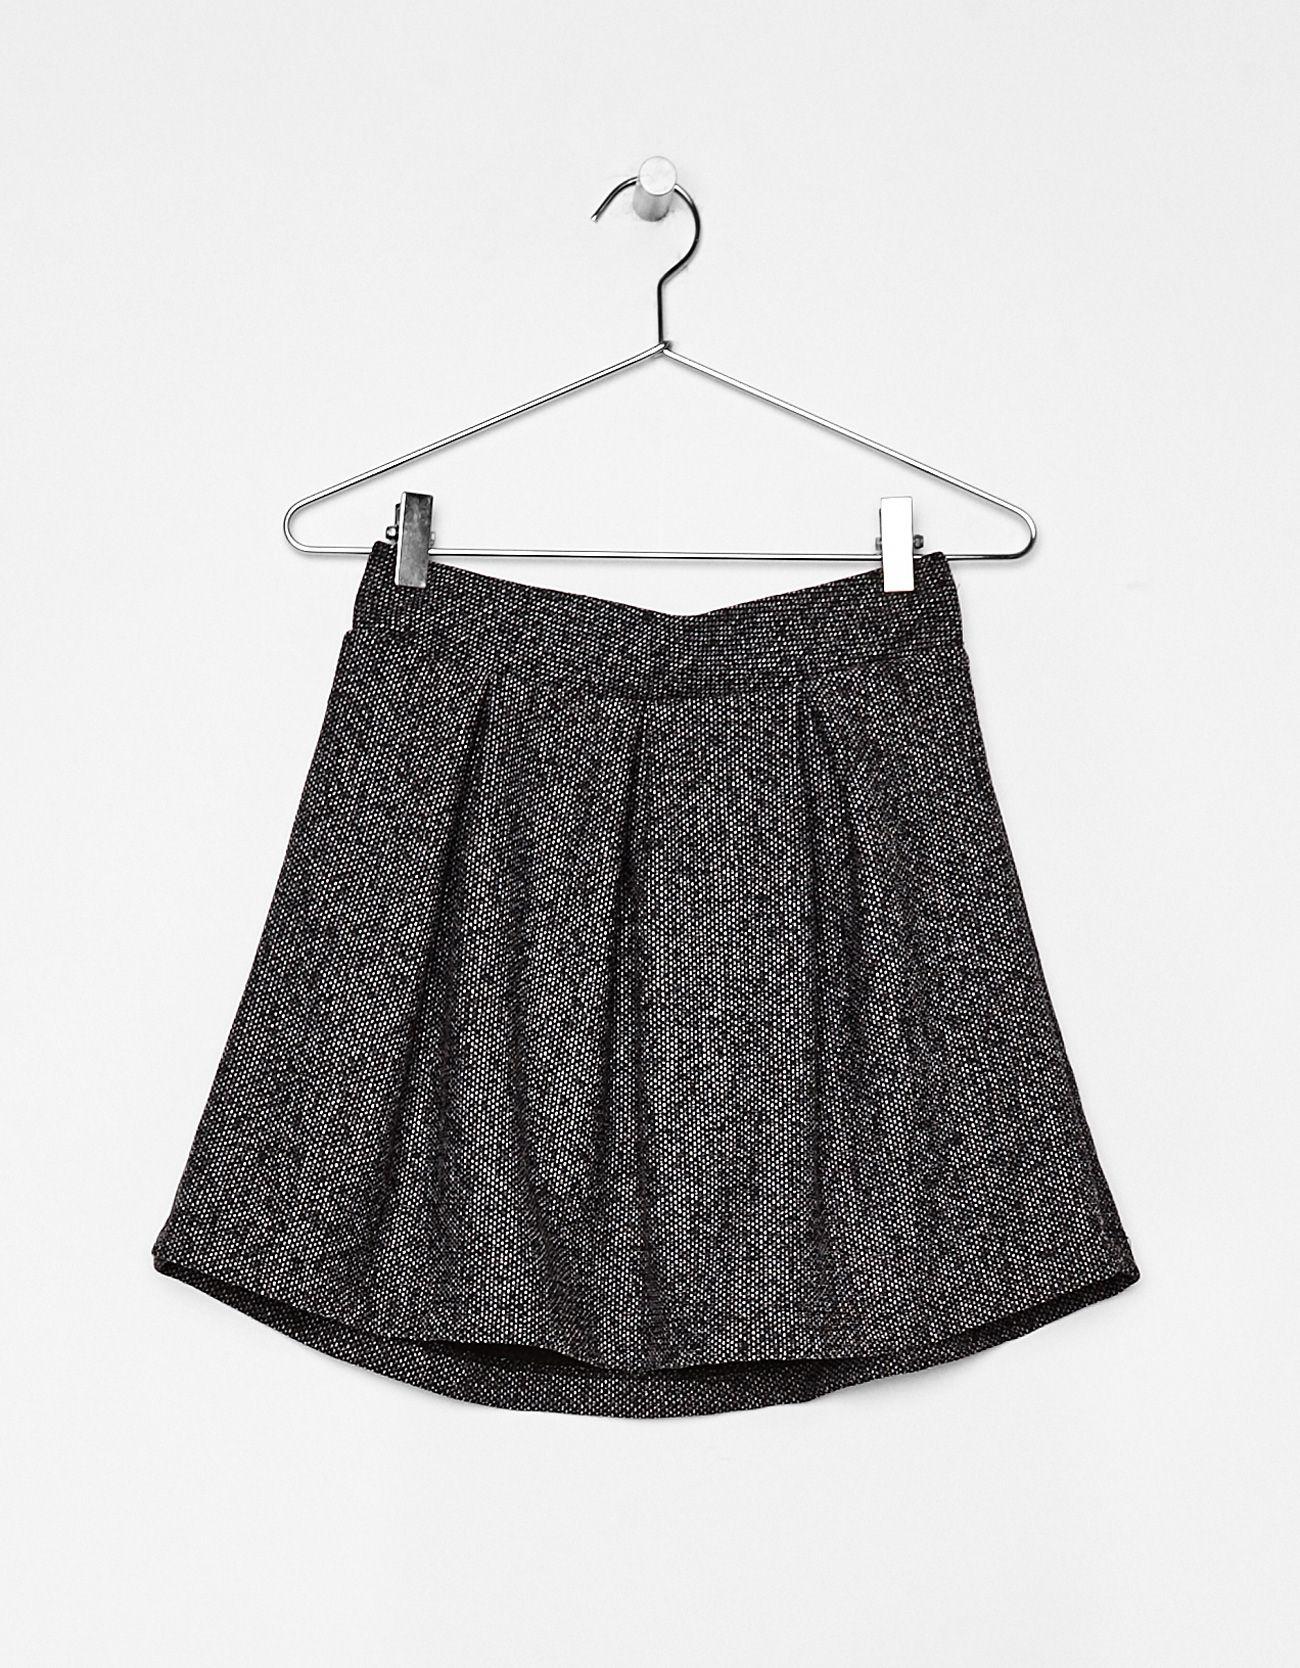 Falda corta plisada. Descubre ésta y muchas otras prendas en Bershka con nuevos productos cada semana